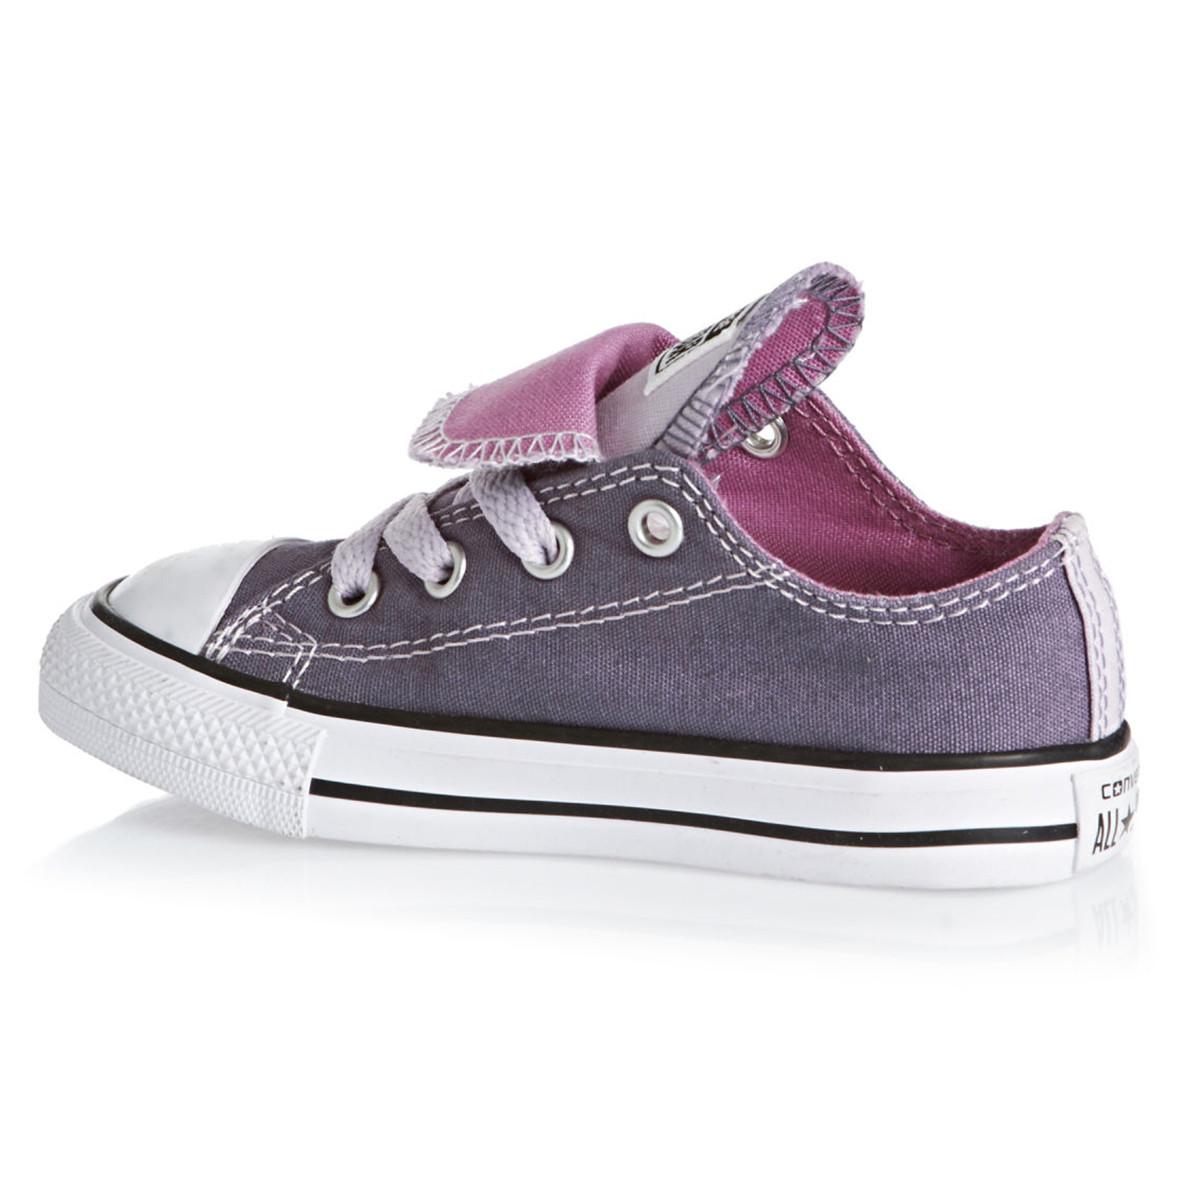 Chaussure Converse CTAS HI EV Violette 5615601 pour Enfant fille   JEF Chaussures